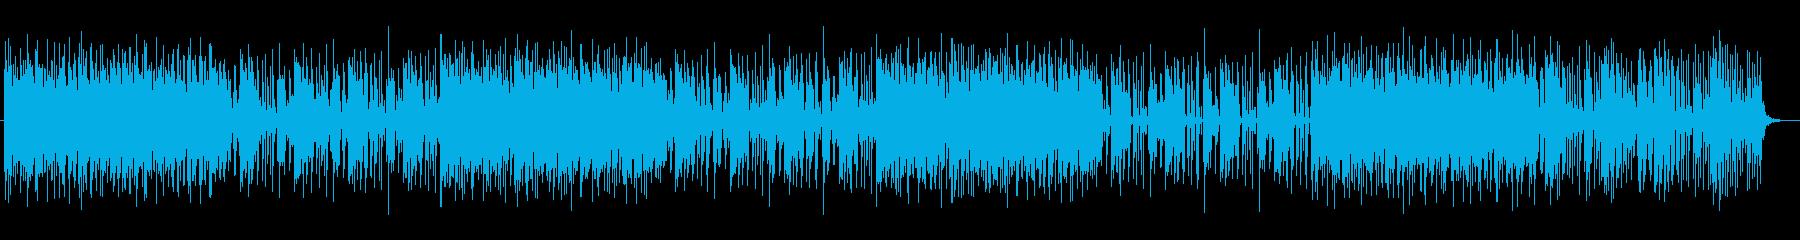 メロディアスで優雅なジャズサウンドの再生済みの波形